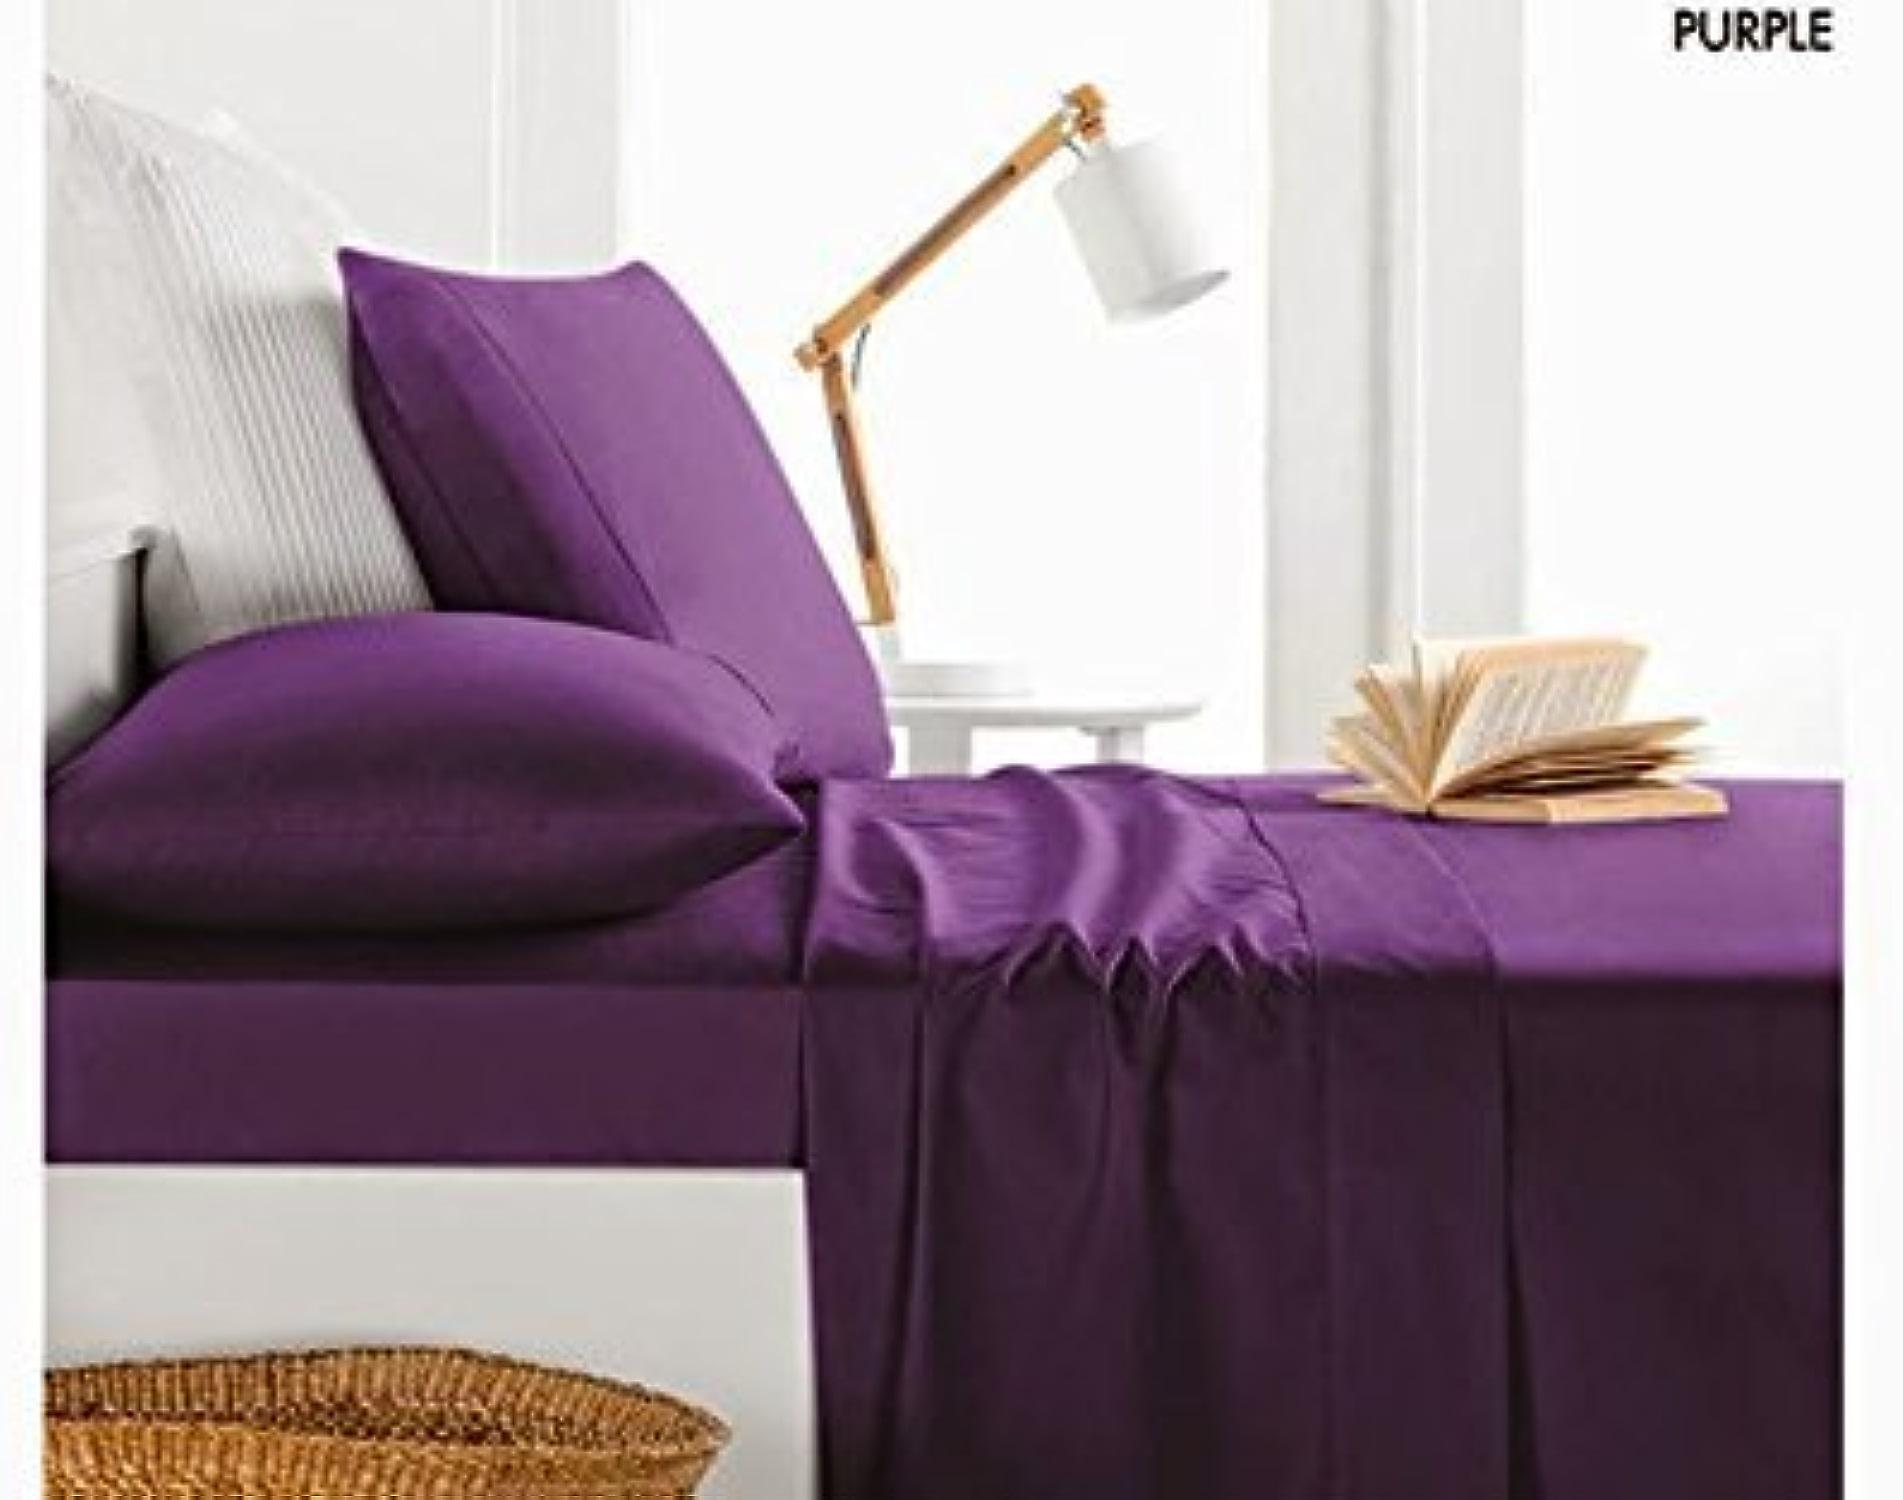 Dreamz étui Parure de lit en coton égypcravaten Ultra doux 450fils Parure de lit 5pièces pour long, violet 100% coton 450tc massif Parure de lit simple